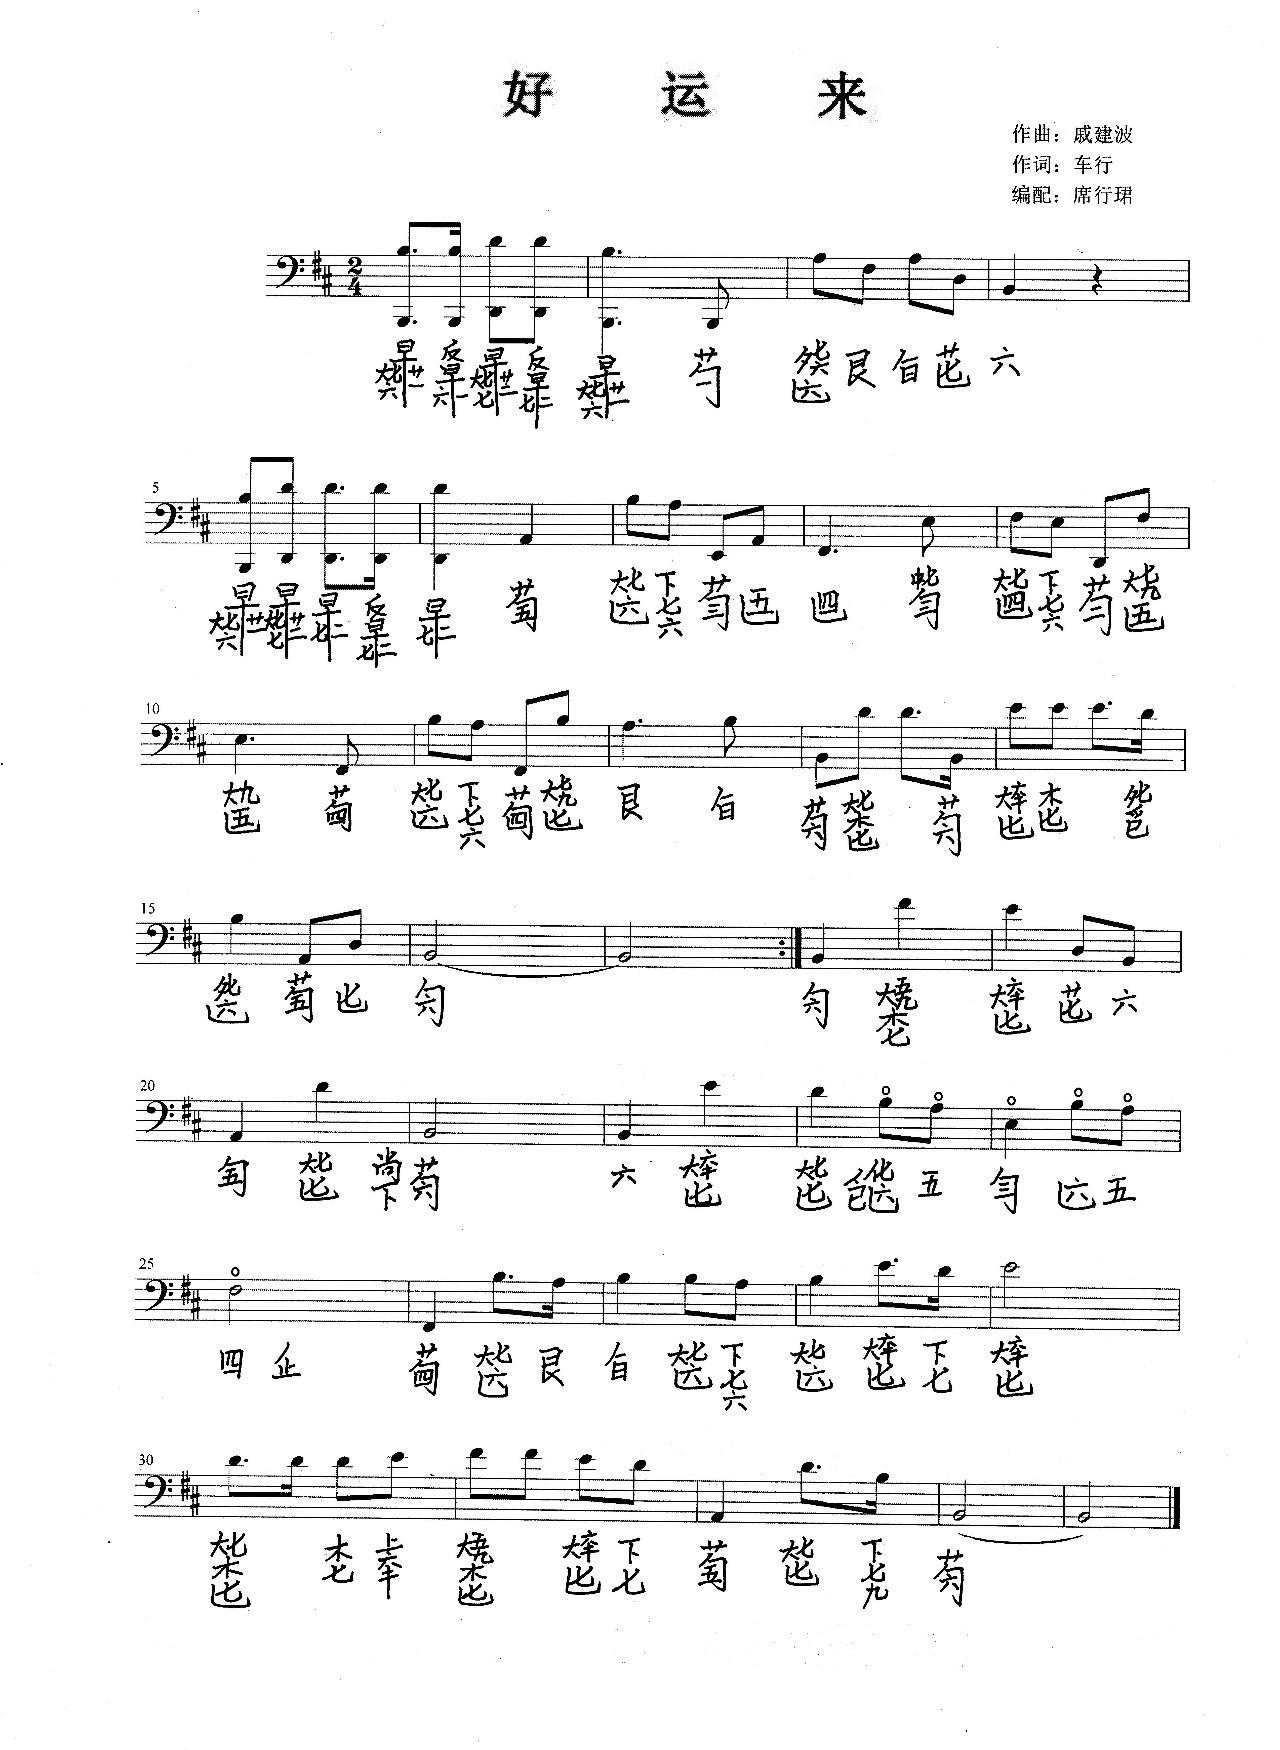 盗将行古琴曲谱_沧海一声笑古琴曲谱